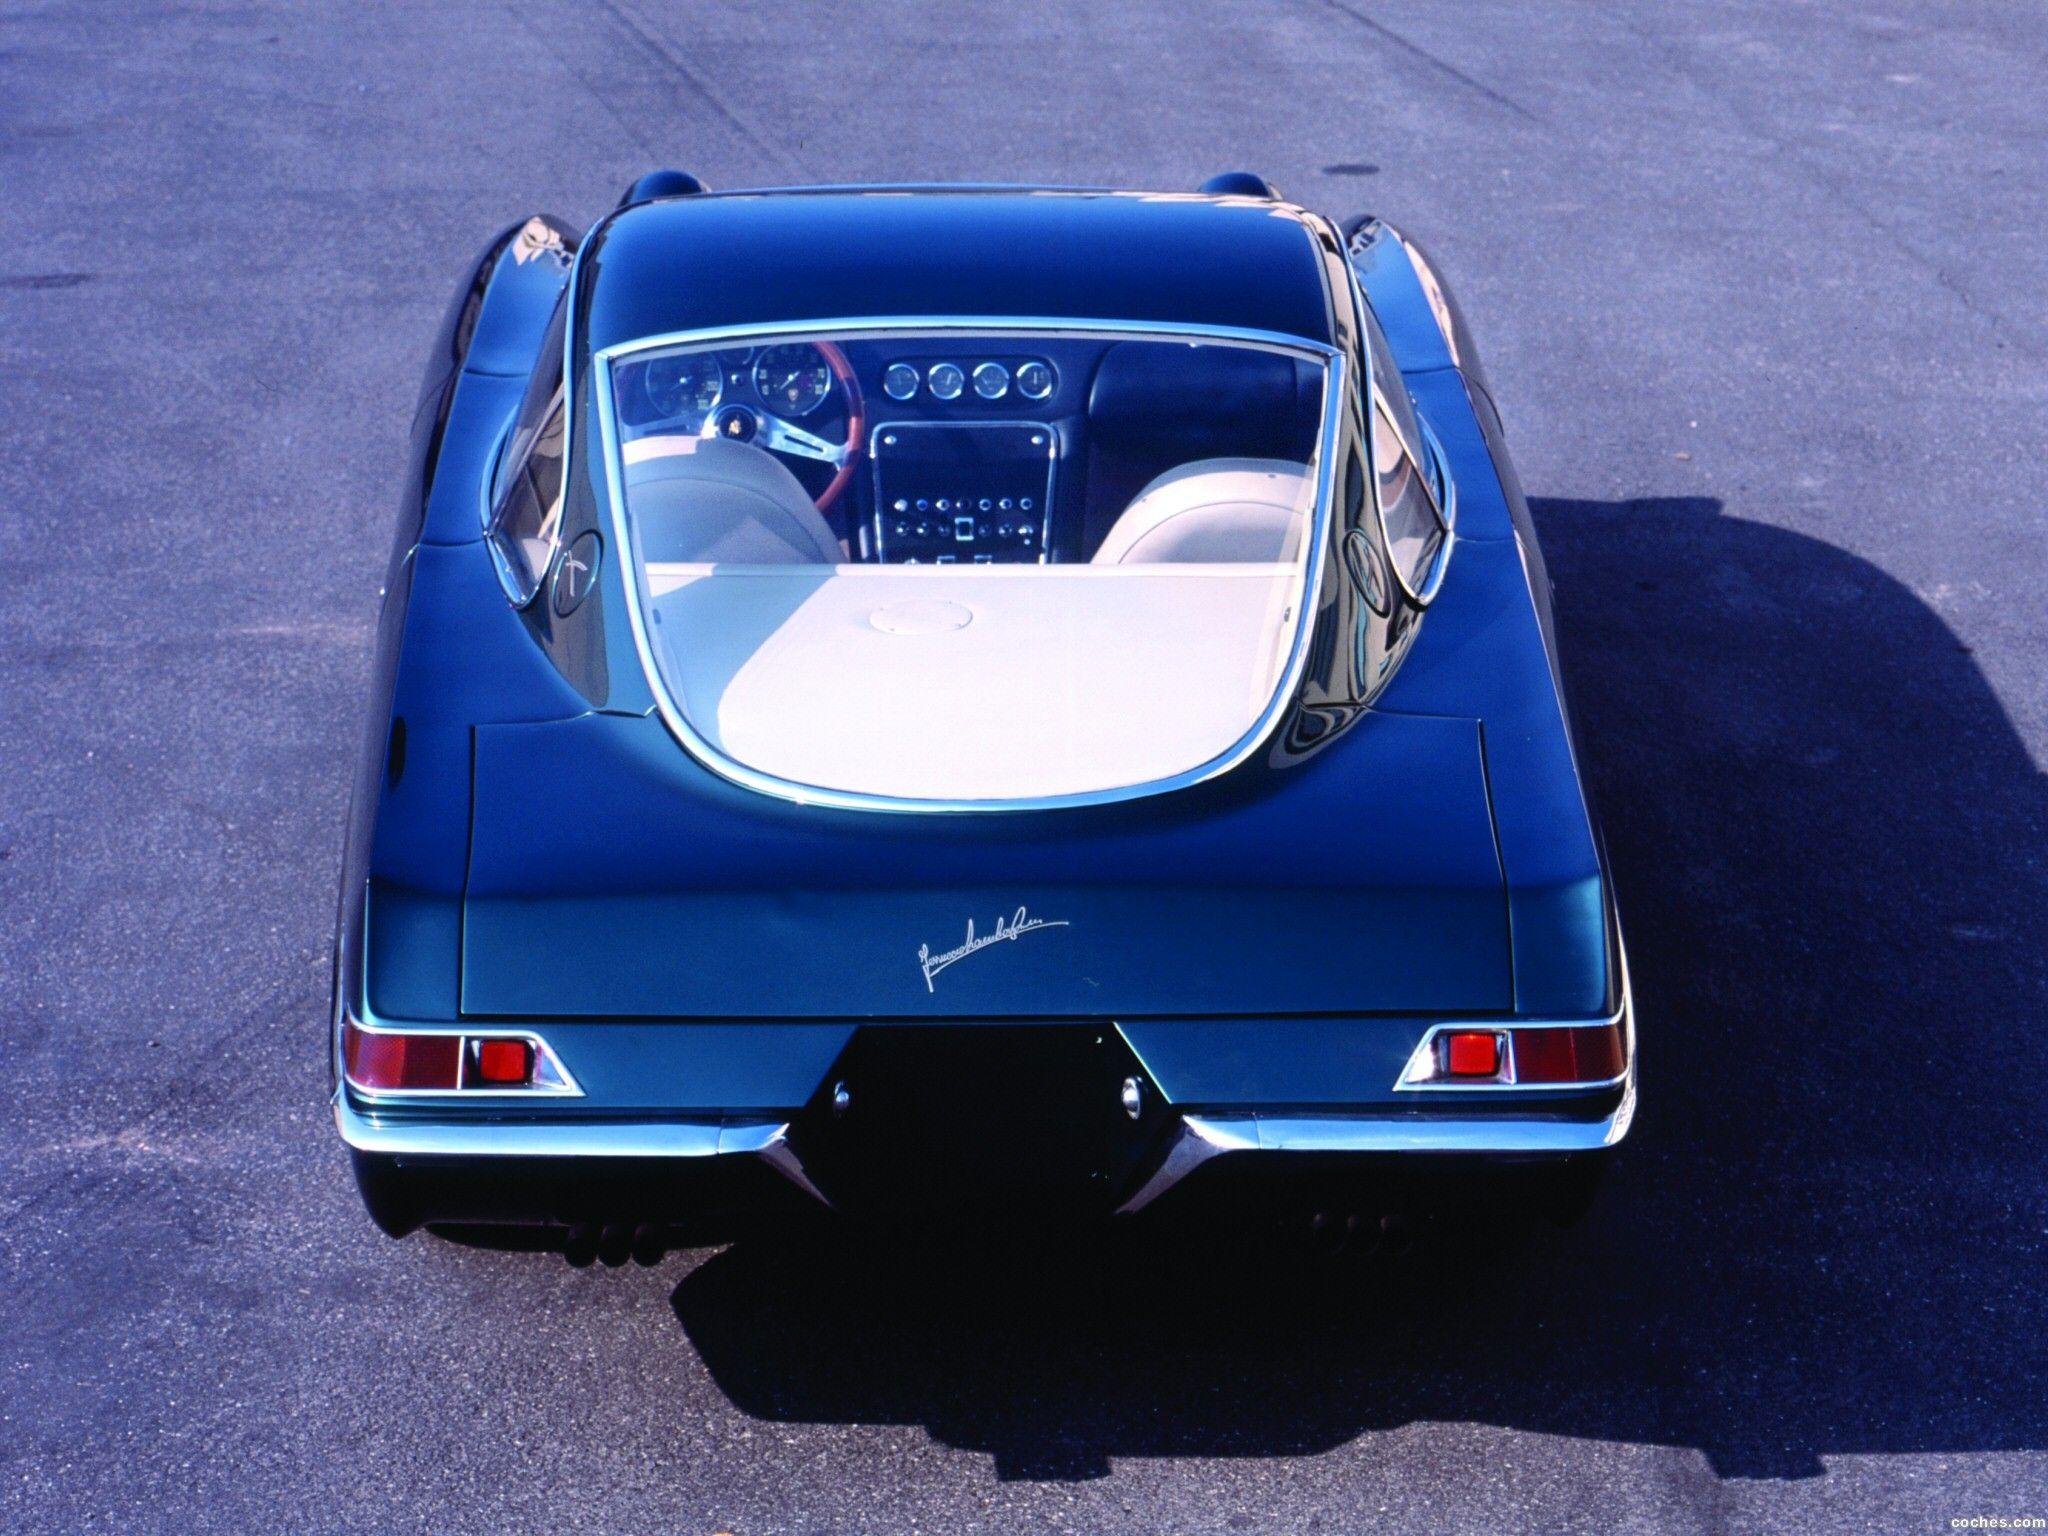 Corvette · Lamborghini 350 gtv 1963 1965